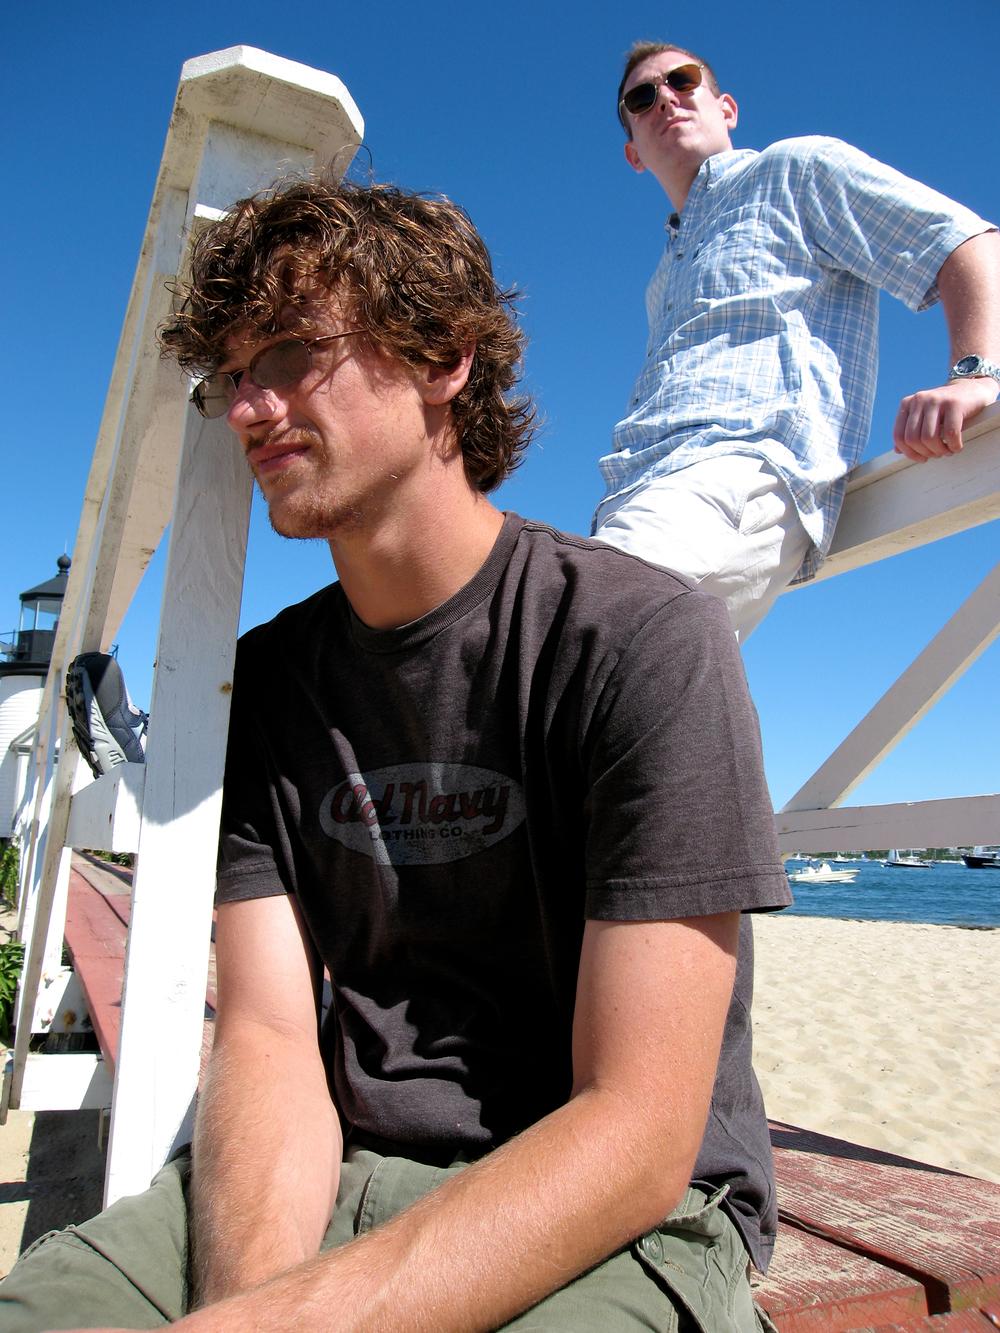 Ryan and Josh